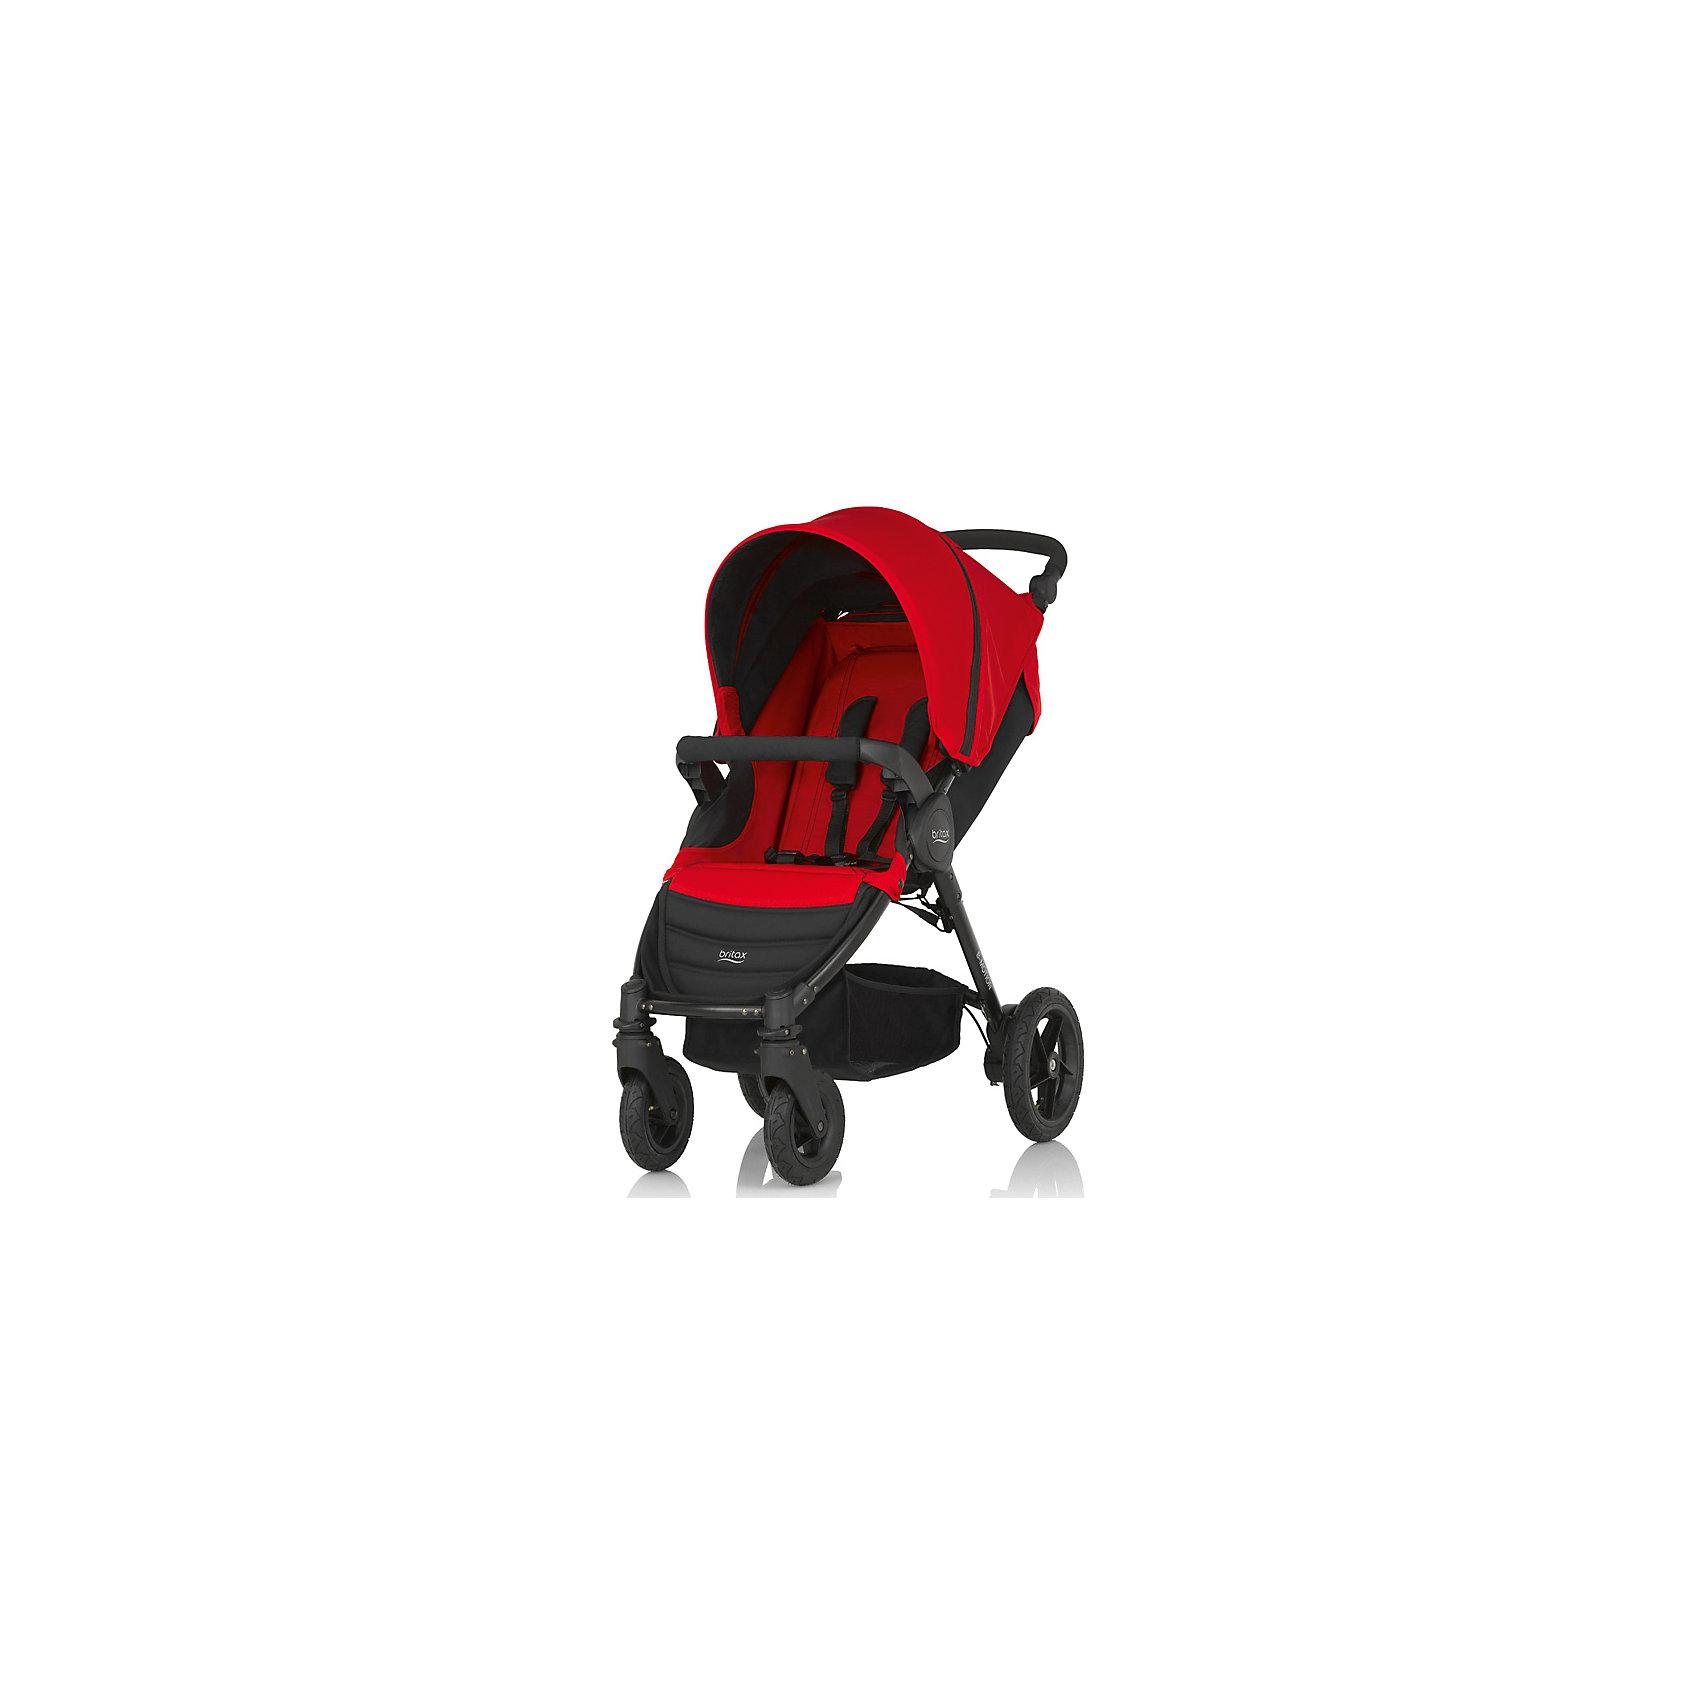 Прогулочная коляска Britax B-Motion 4, Flame RedПрогулочные коляски<br>Коляска Britax B-Motion - это 4-колесная городская система Travel System с уникальной системой сложения коляски одной рукой - просто нажмите фиксатор и потяните ремень! <br>Легкая и маневренная коляска имеет легкий алюминиевый каркас и прочные покрышки, что дает максимальную свободу, куда бы вы ни отправились. Спинка, раскладывающаяся в горизонтальное положение, бампер для ребенка, капор с встроенной москитной сеткой сделает прогулку с малышом удобной и комфортной. <br>Коляски B-Motion также совместимы с автолюлькой Baby-Safe Sleeper и автопереносками Baby-Safe. <br>Подходит с рождения и до 15 кг<br>Легкая алюминиевая рама<br>Простое и компактное складывание с автоматической фиксацией<br>Регулируемая ручка<br>Амортизаторы на задних колесах<br>5-точечные ремни безопасности<br>Блокируемые или поворотные передние колеса<br>Износостойкие покрышки<br>Большая корзина для покупок<br>Возможна дополнительная установка люльки в качестве опции<br>Гарантия на коляску Britax B-Motion - 2 года.<br>Комплектация: прогулочный блок, поручень, переходники для Baby Safe plus<br><br>Ширина мм: 780<br>Глубина мм: 470<br>Высота мм: 230<br>Вес г: 14000<br>Возраст от месяцев: 0<br>Возраст до месяцев: 48<br>Пол: Унисекс<br>Возраст: Детский<br>SKU: 5484741